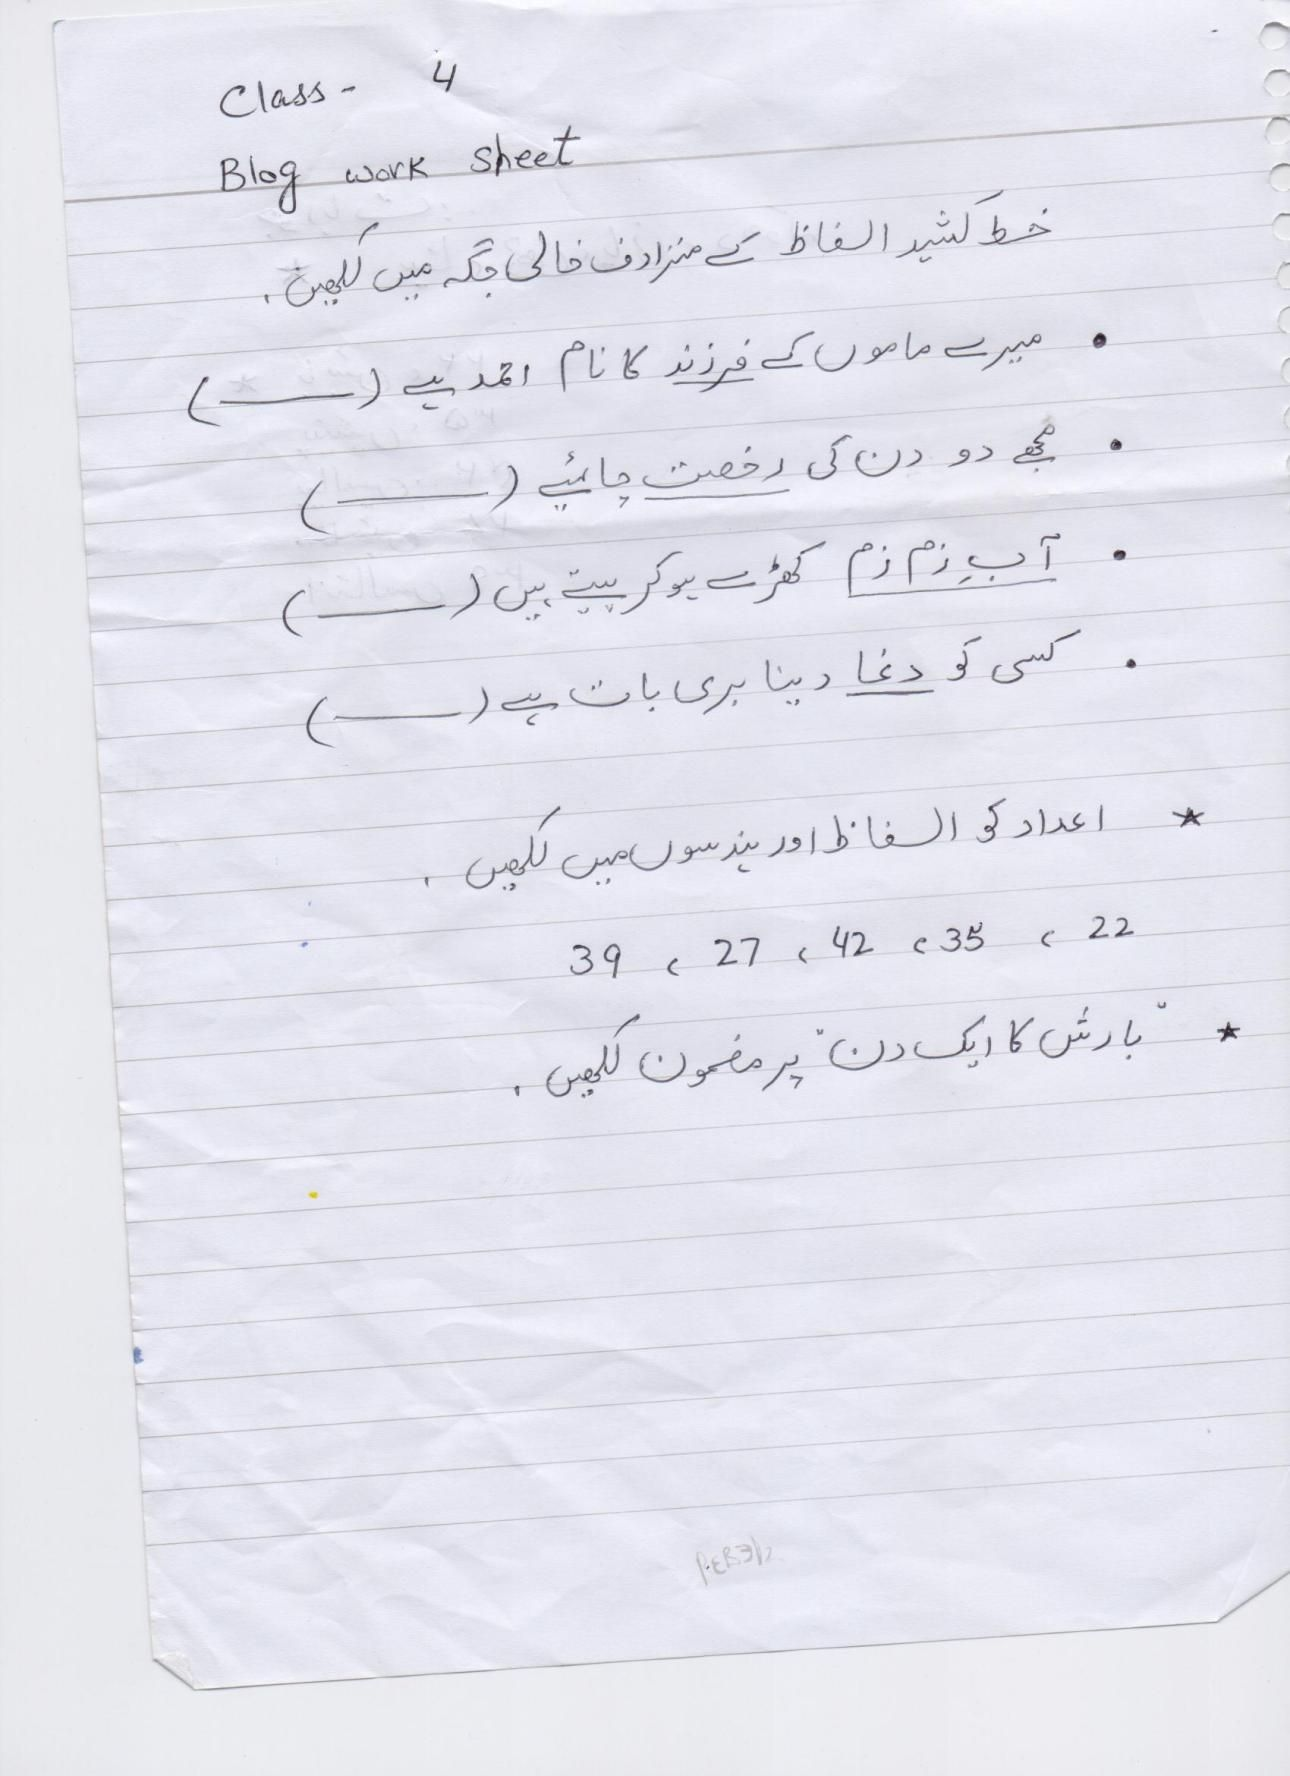 Urdu Blog Worksheet Class 4 26 09 16 2